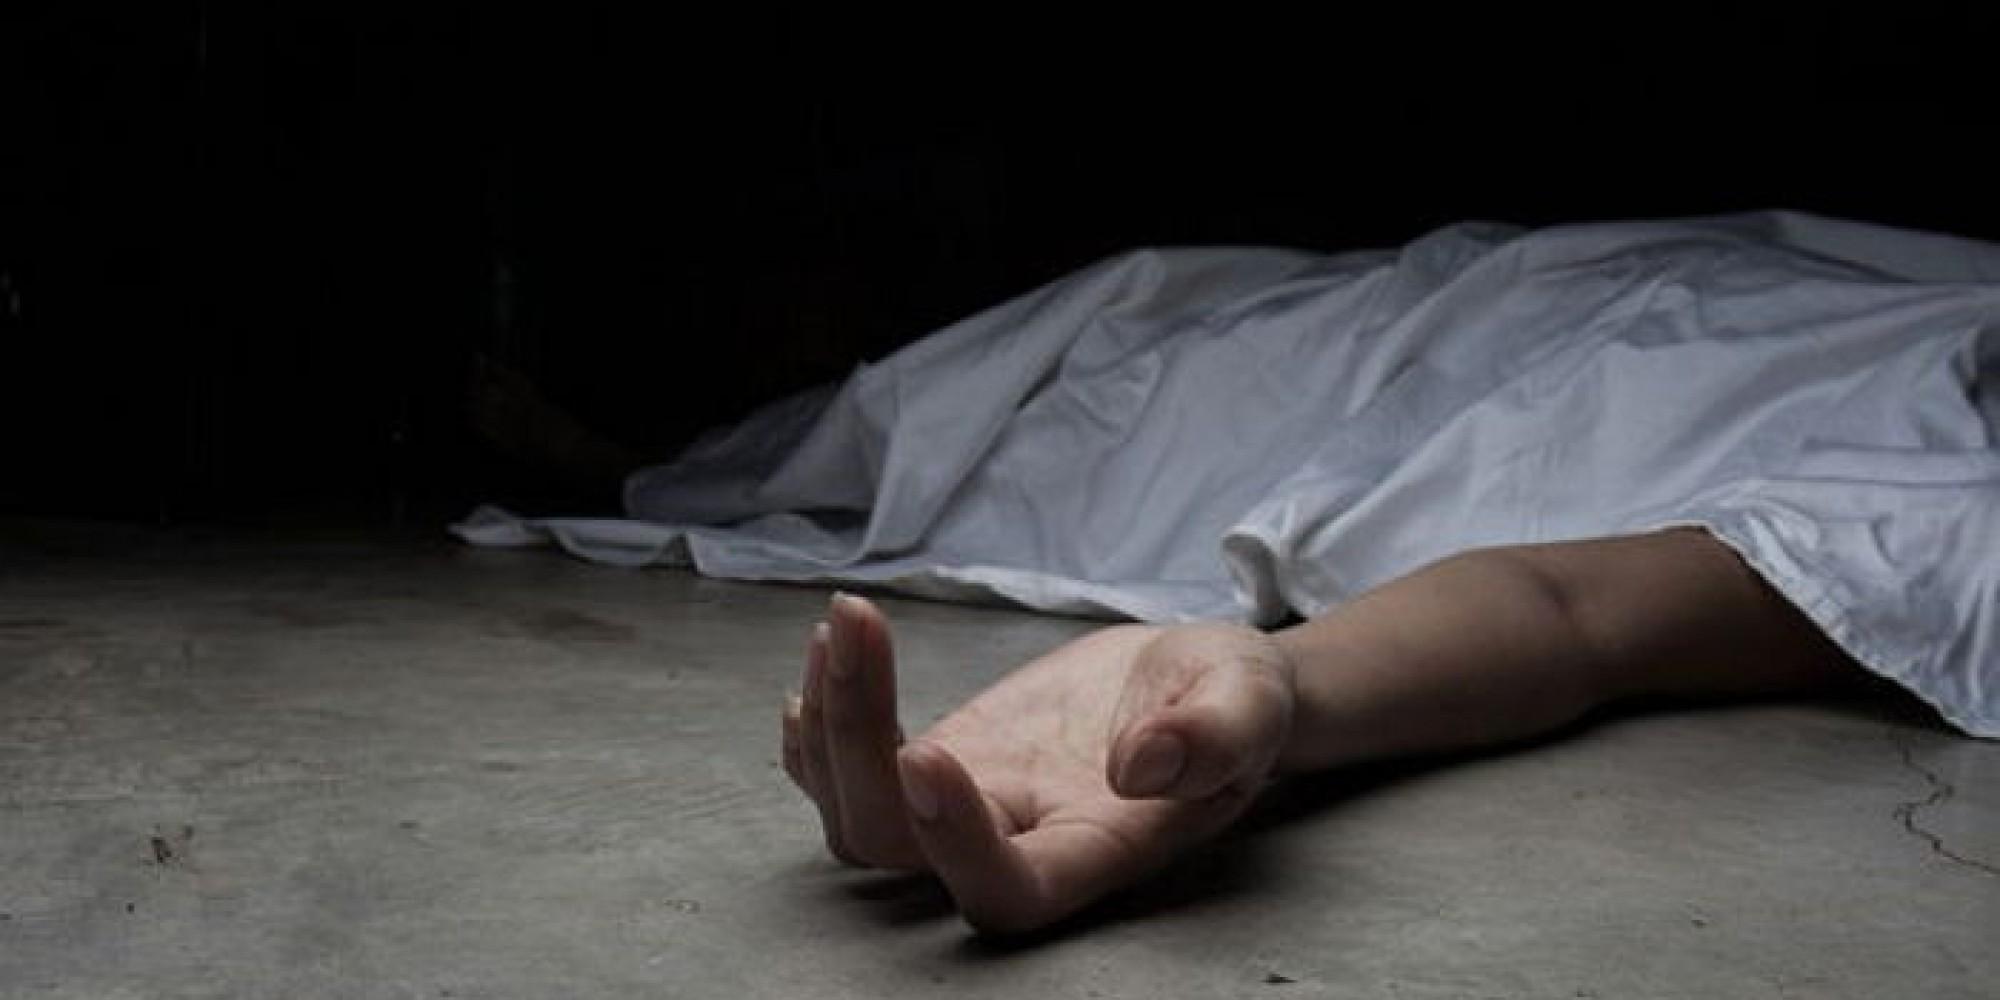 Uttarakhand : अस्पताल से फरार कोरोना मरीज का शव टॉयलेट में मिला, 24 घंटे बाद हुआ बरामद